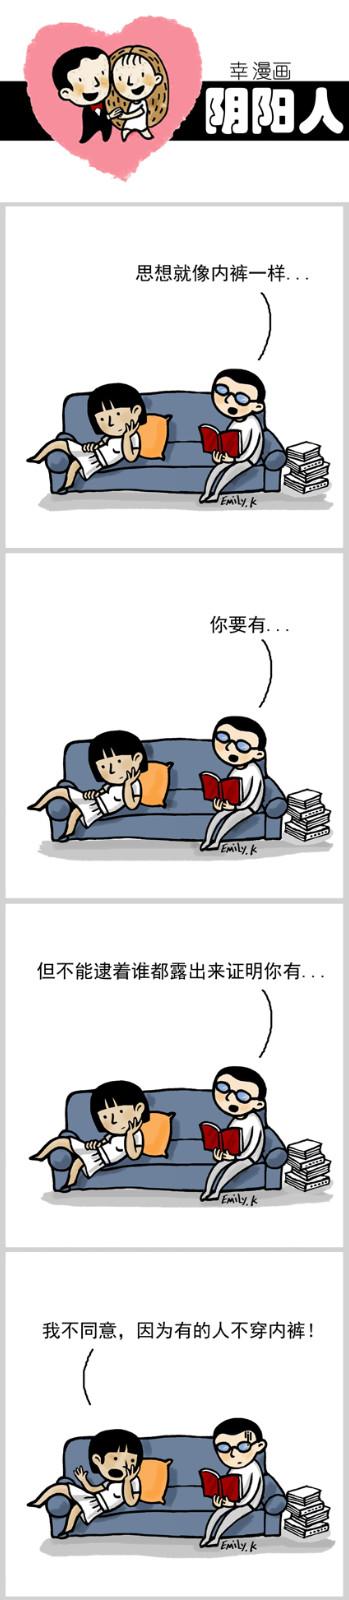 【邝幸漫畫】《阴阳人》思想等于内裤?_图1-1